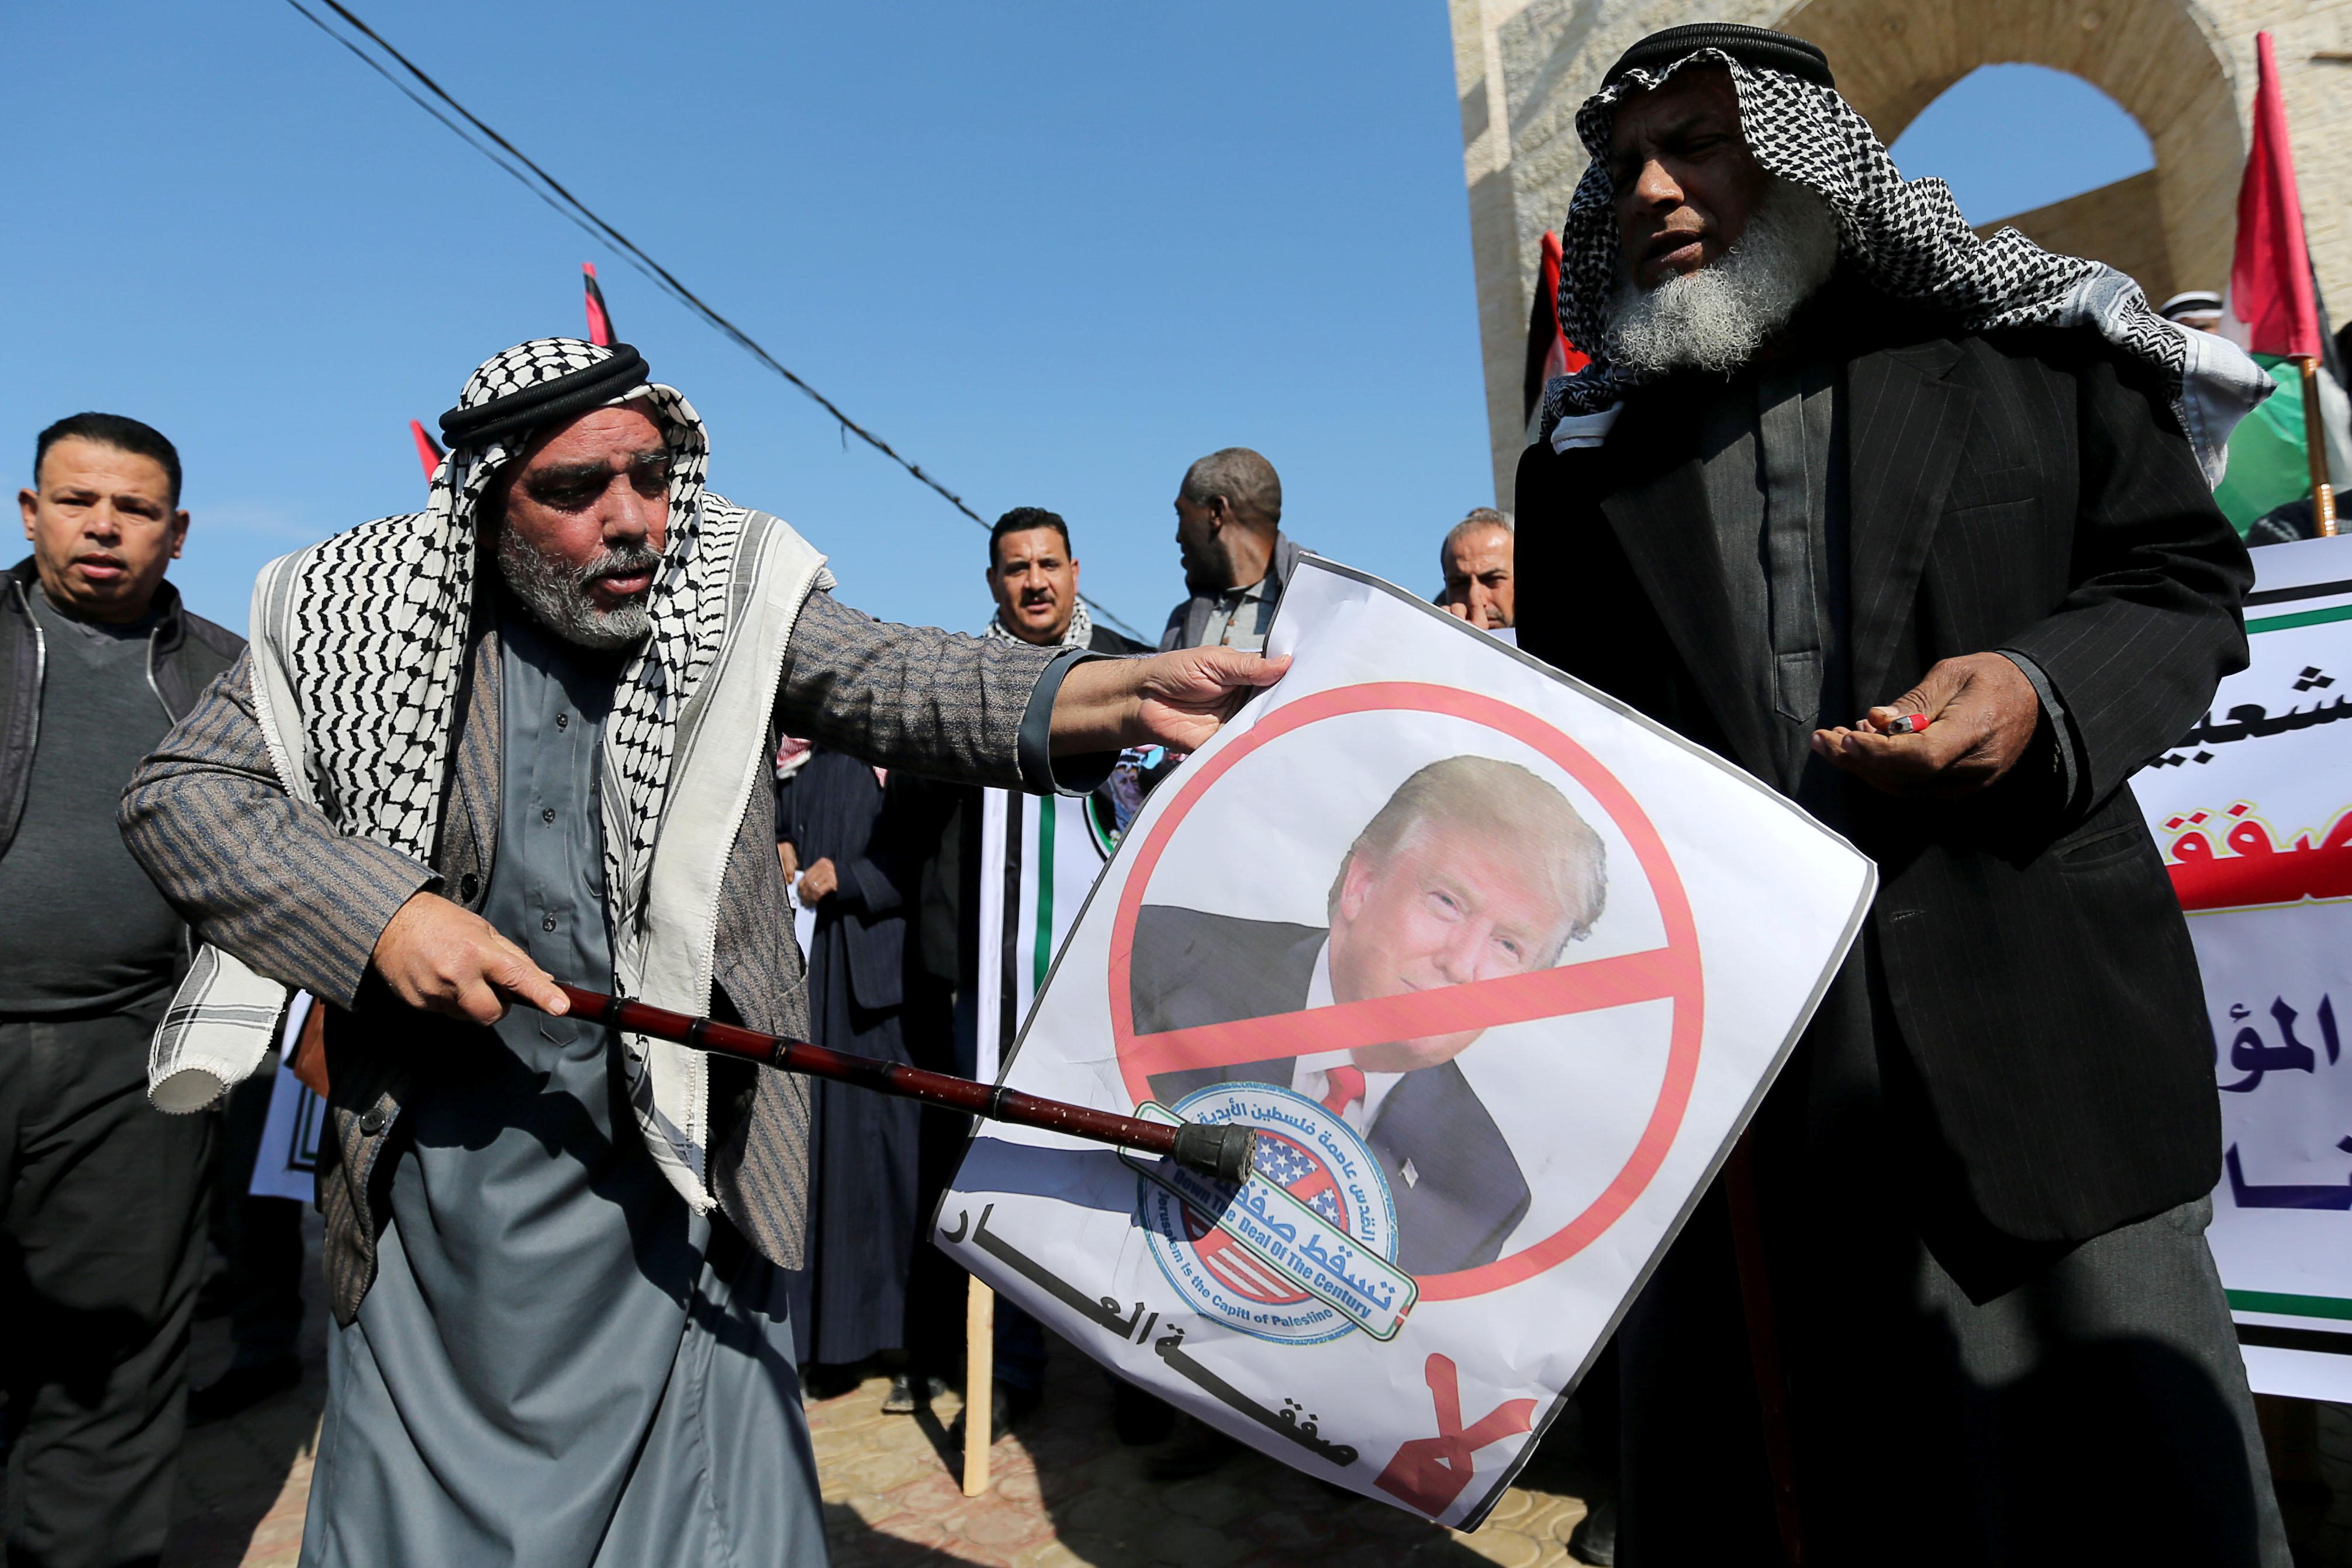 """Χαμός στη Μέση Ανατολή! """"Ανοησίες"""" και """"επιθετικό"""" το σχέδιο Τραμπ λέει η Χαμάς"""